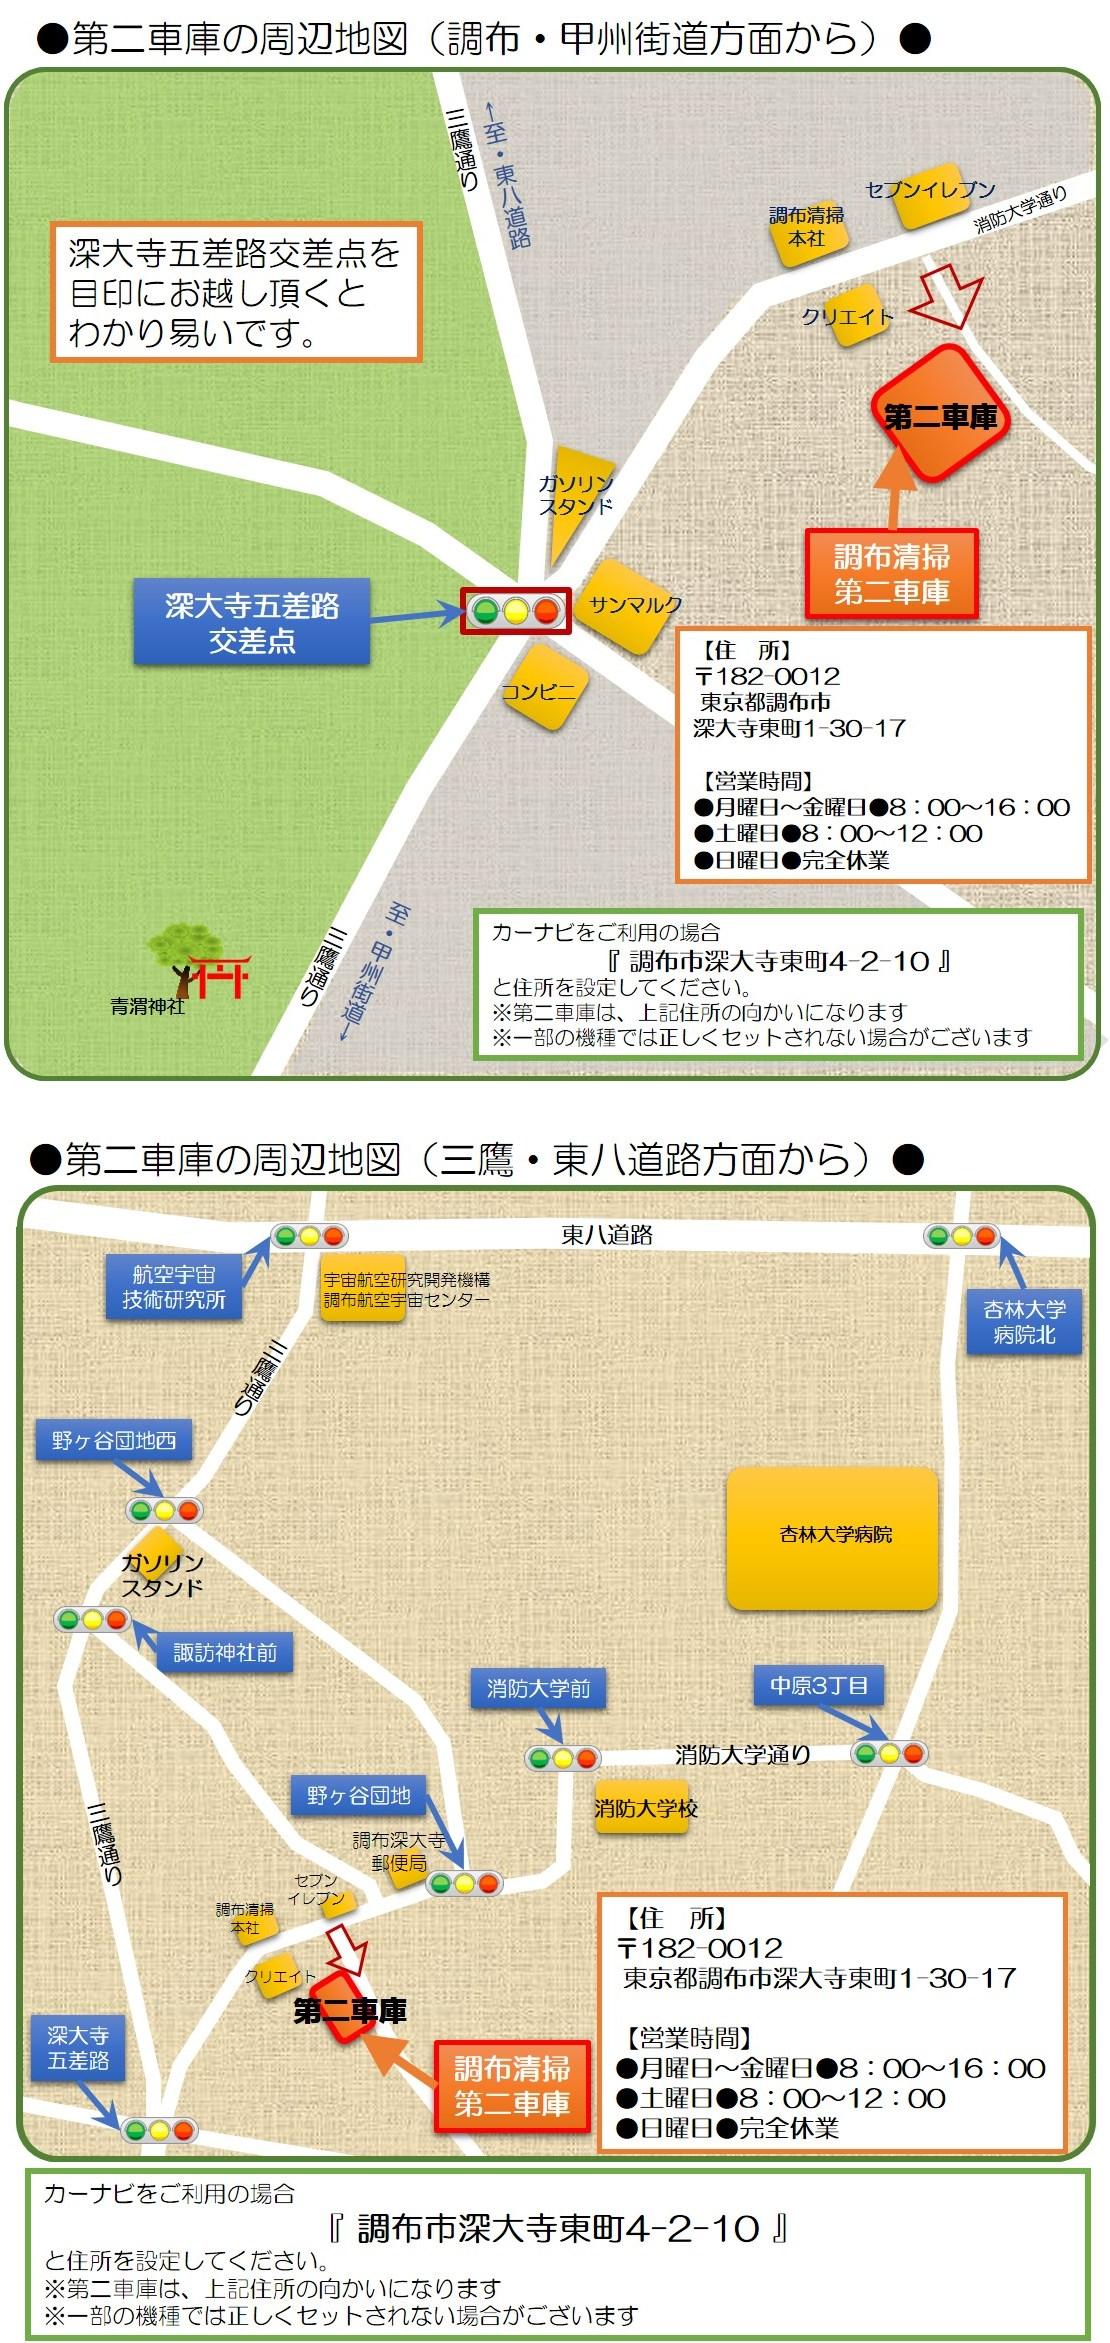 家電持ち込み_調布清掃周辺MAP